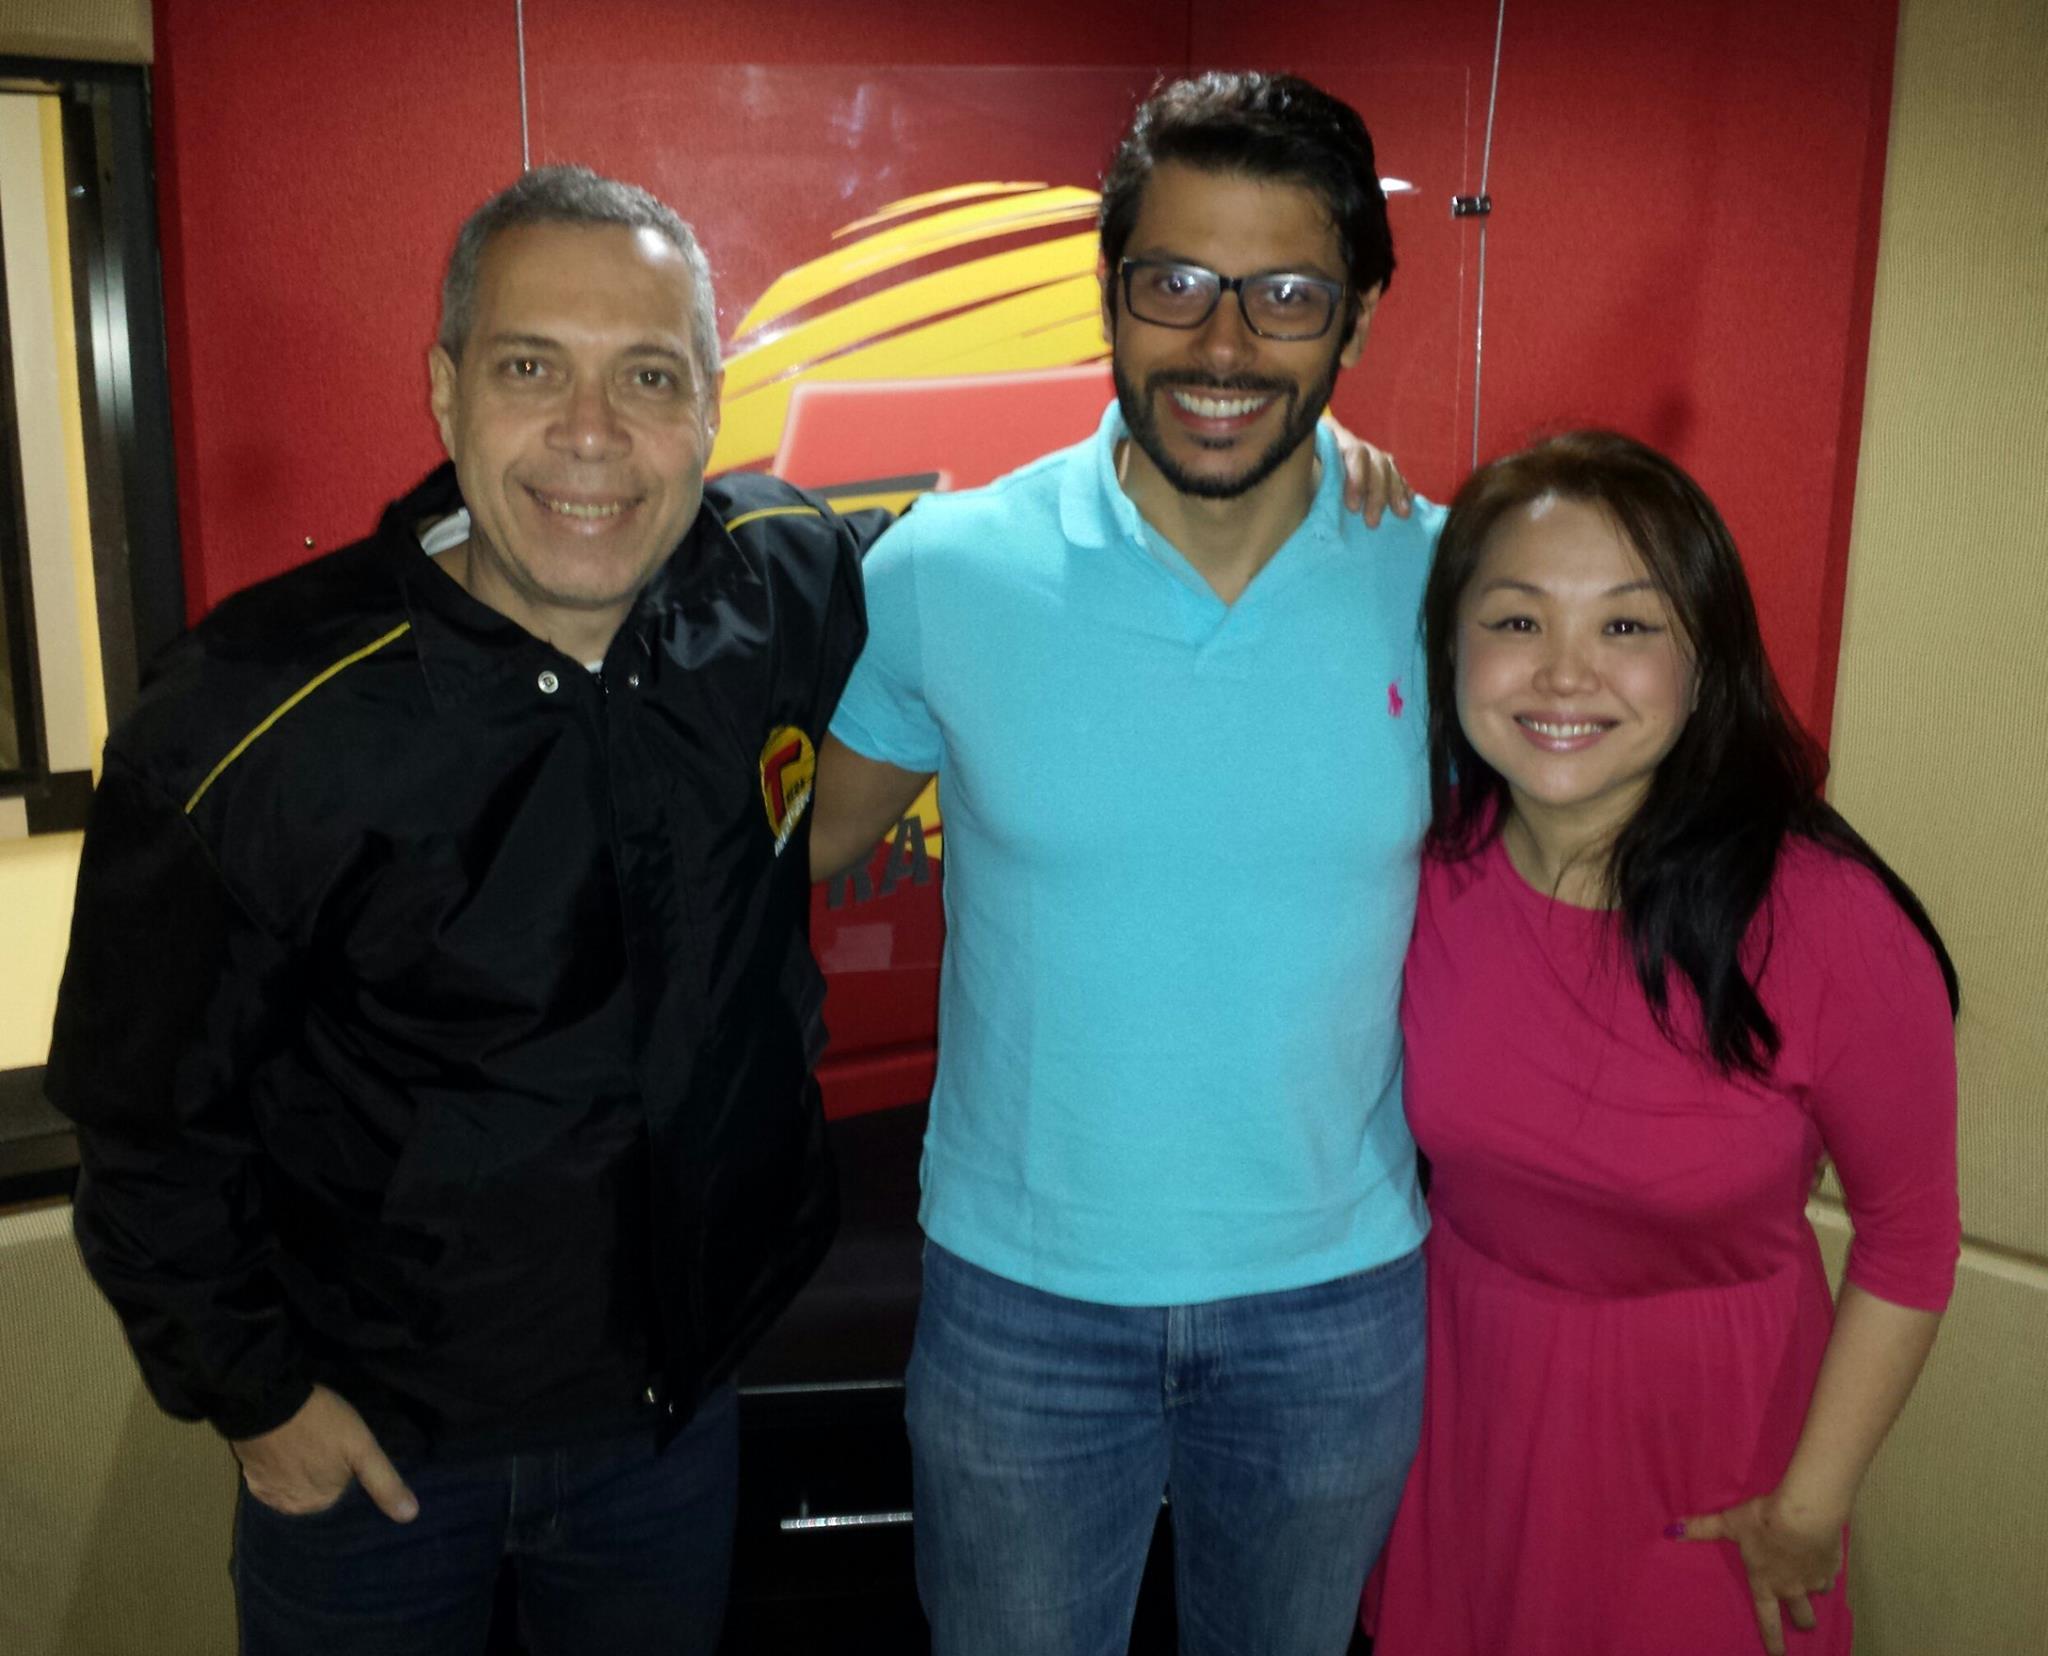 Programa Tititi da rádio Transamérica Hits - Dia dos namorados